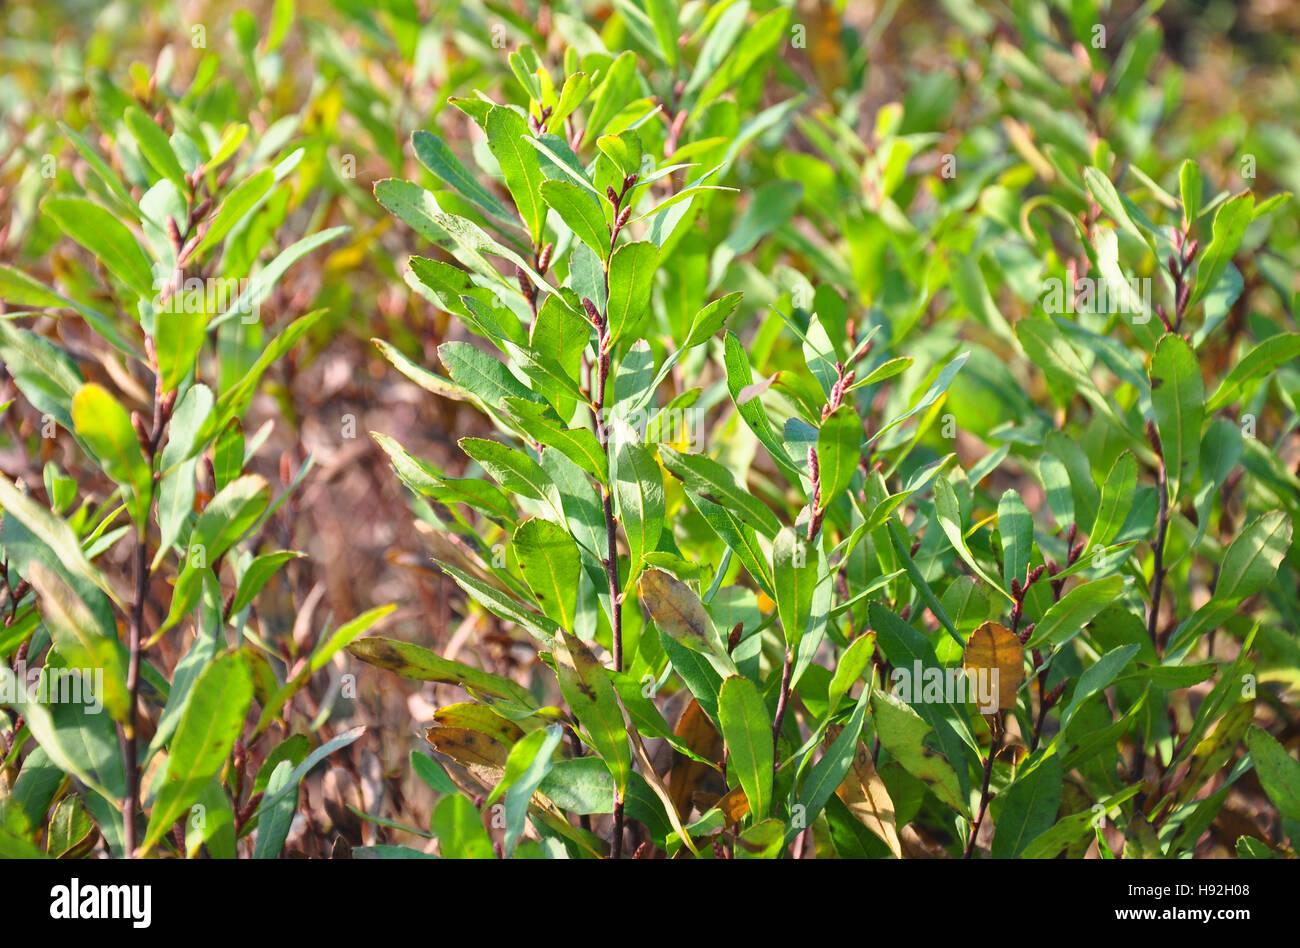 Bog-myrtle (Myrica gale) - Stock Image